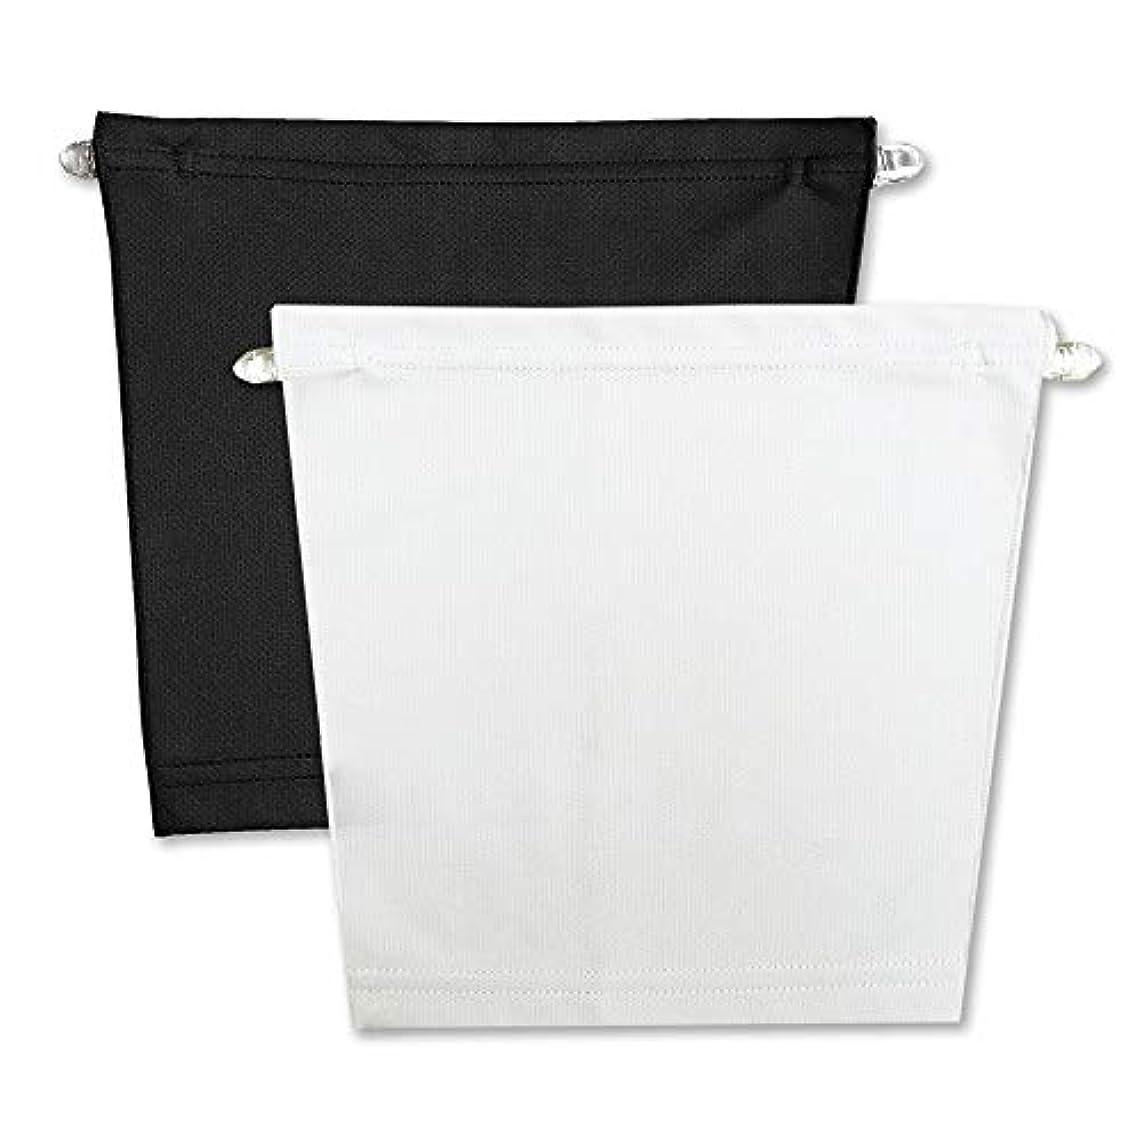 持っている竜巻検索フロントキャミ (2枚組) 胸元隠し UVカット (黒 & 白)